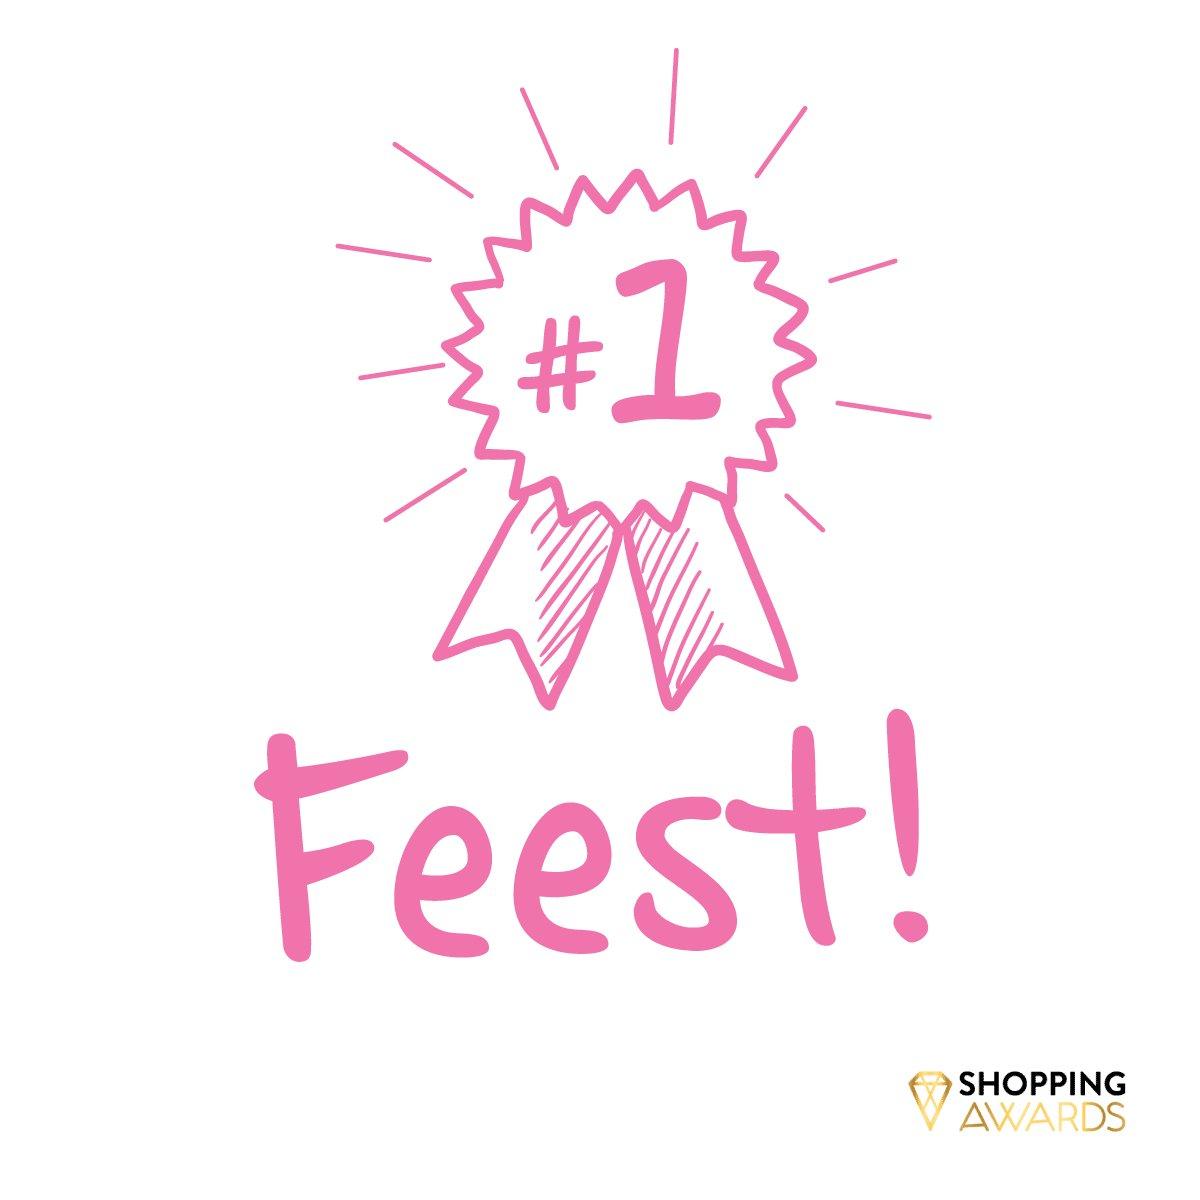 Ons paasweekend is alvast goed begonnen. Gisteravond hebben we de Publieksprijs XL voor beste financiële dienstverlener én de Vakprijs van de @Shoppingaward binnengesleept, voor de digitale afhandeling van je schade! ndeld. #plop met #eieren! #trots #shoppingawards https://t.co/40CUhWSRAw